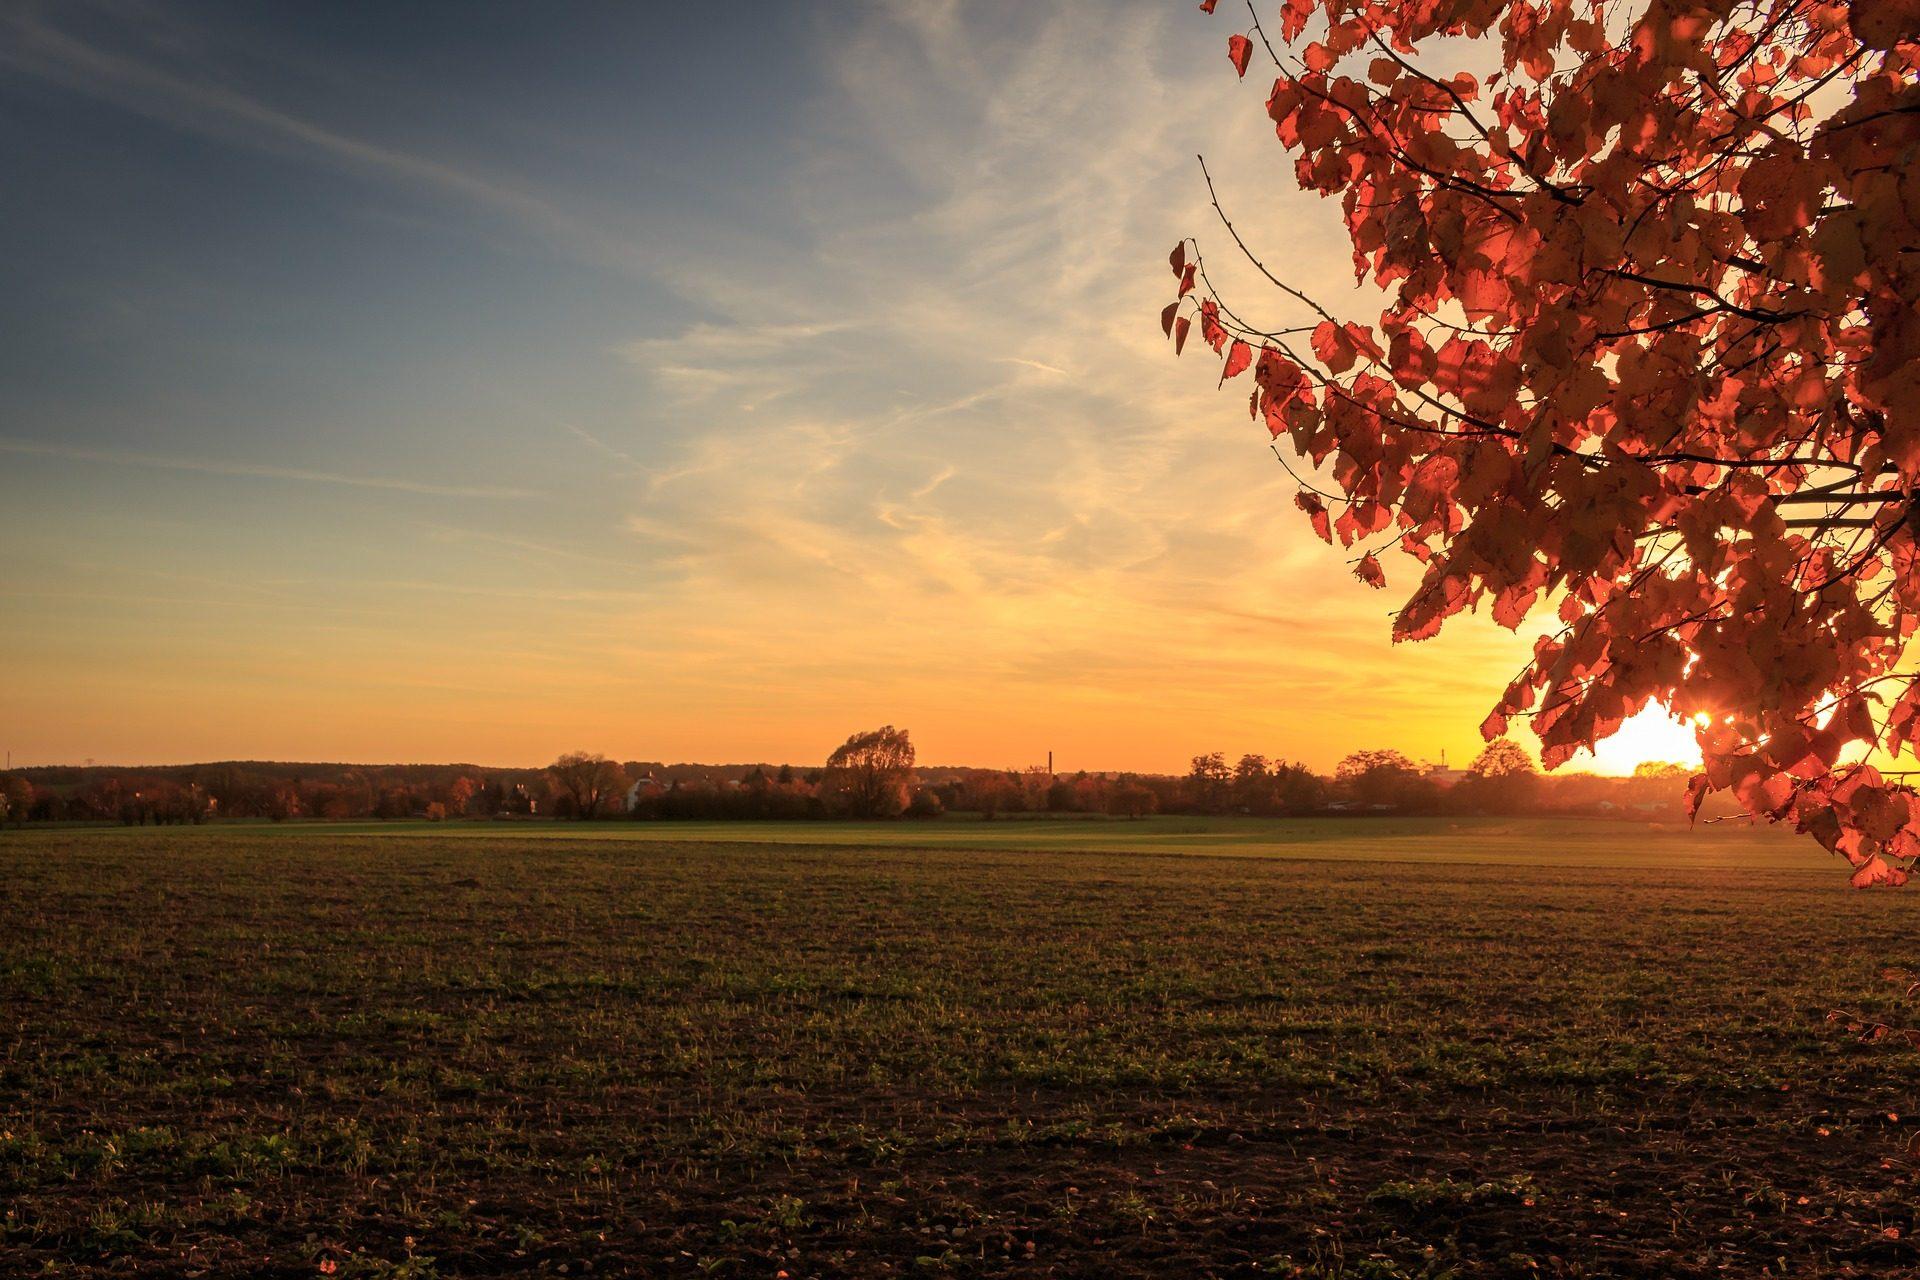 поле, ПРАДО, деревья, Закат, Солнце, свет, листья, Оранжевый - Обои HD - Профессор falken.com